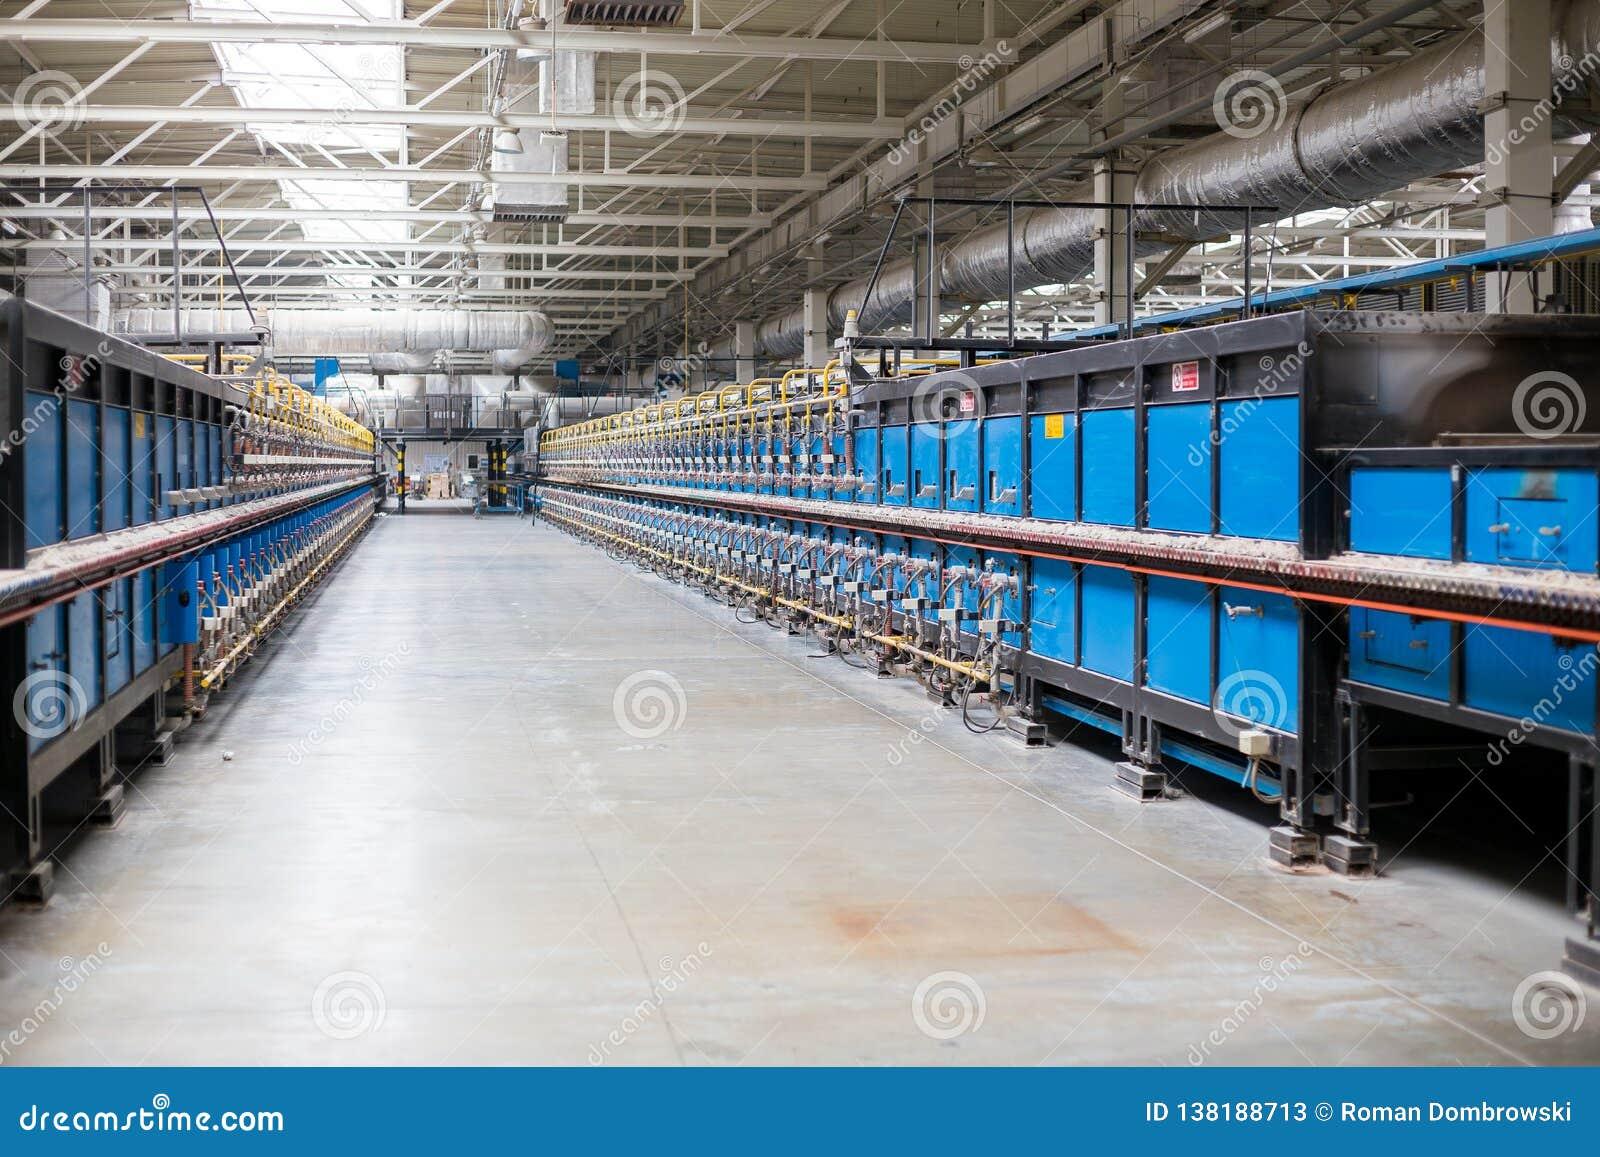 Zdrowie ceramiki tunelowy kiln buduje wewnętrzną strukturę w fabryce